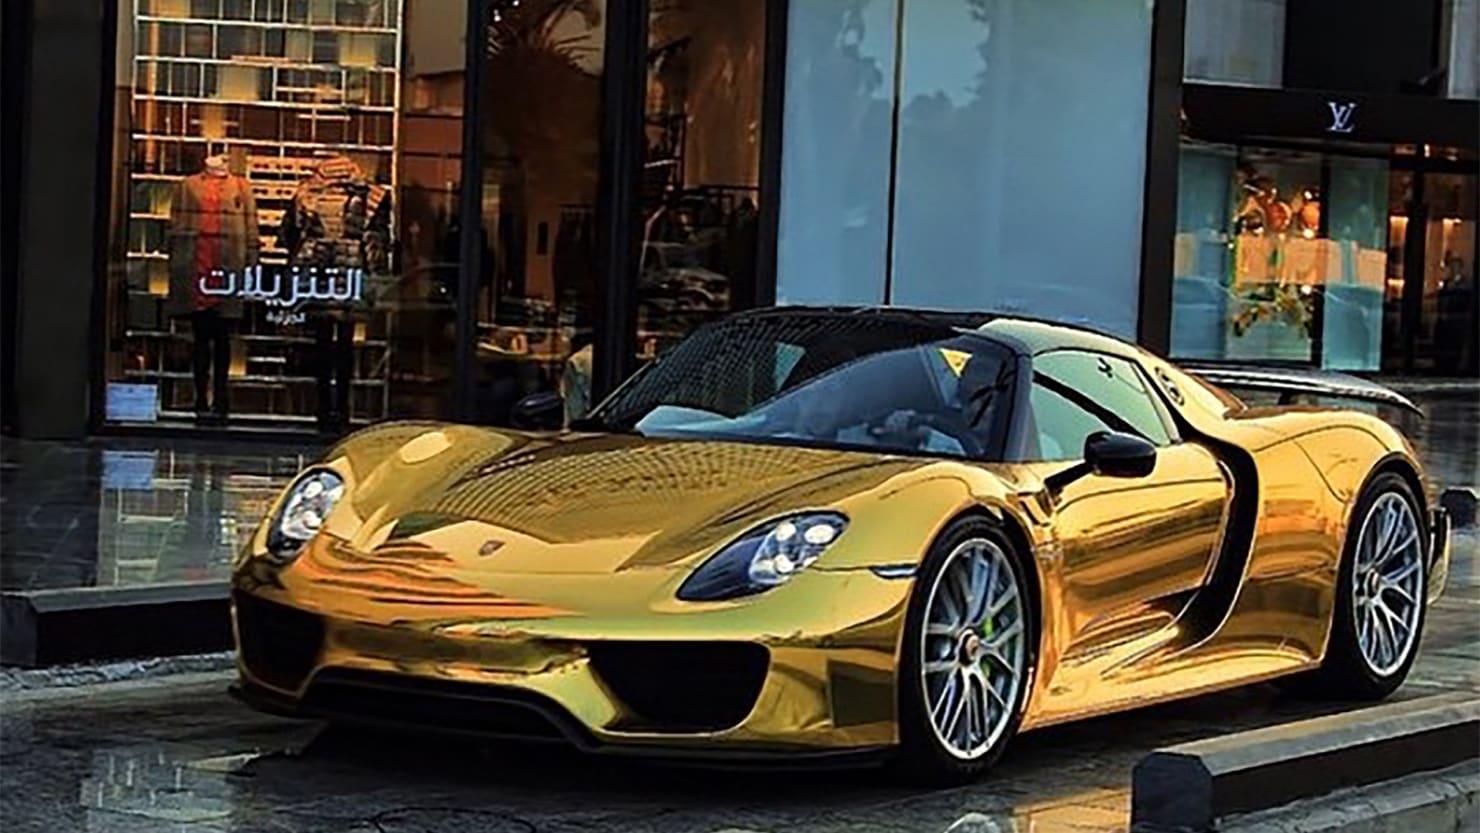 Afbeeldingsresultaat voor dubai gold cars